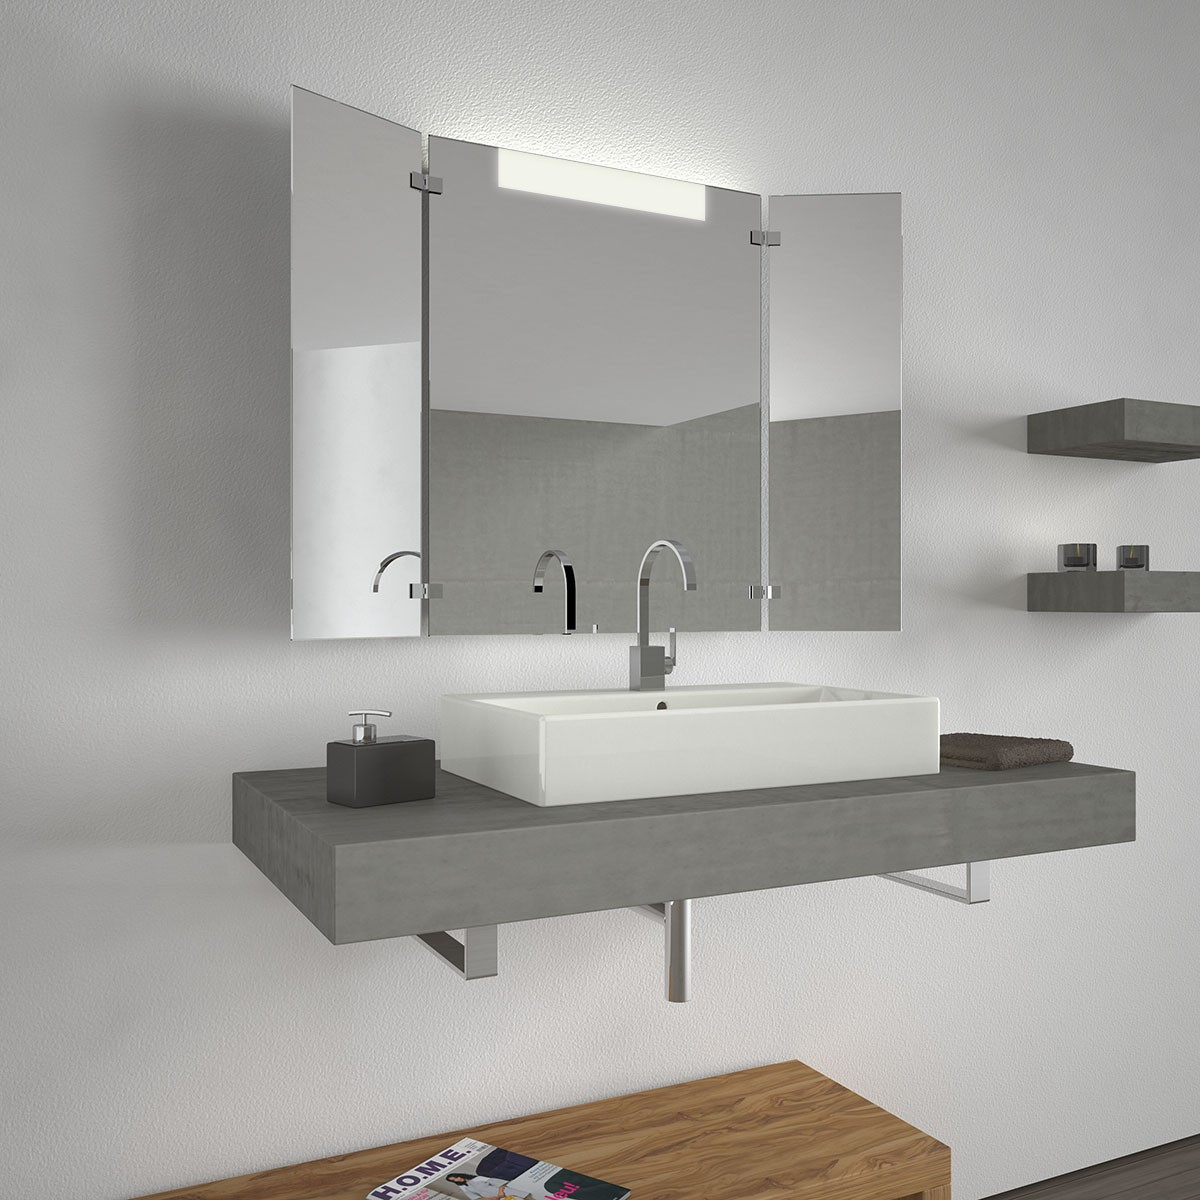 Badezimmerspiegel clara 300871523 for Spiegel ablage badezimmer